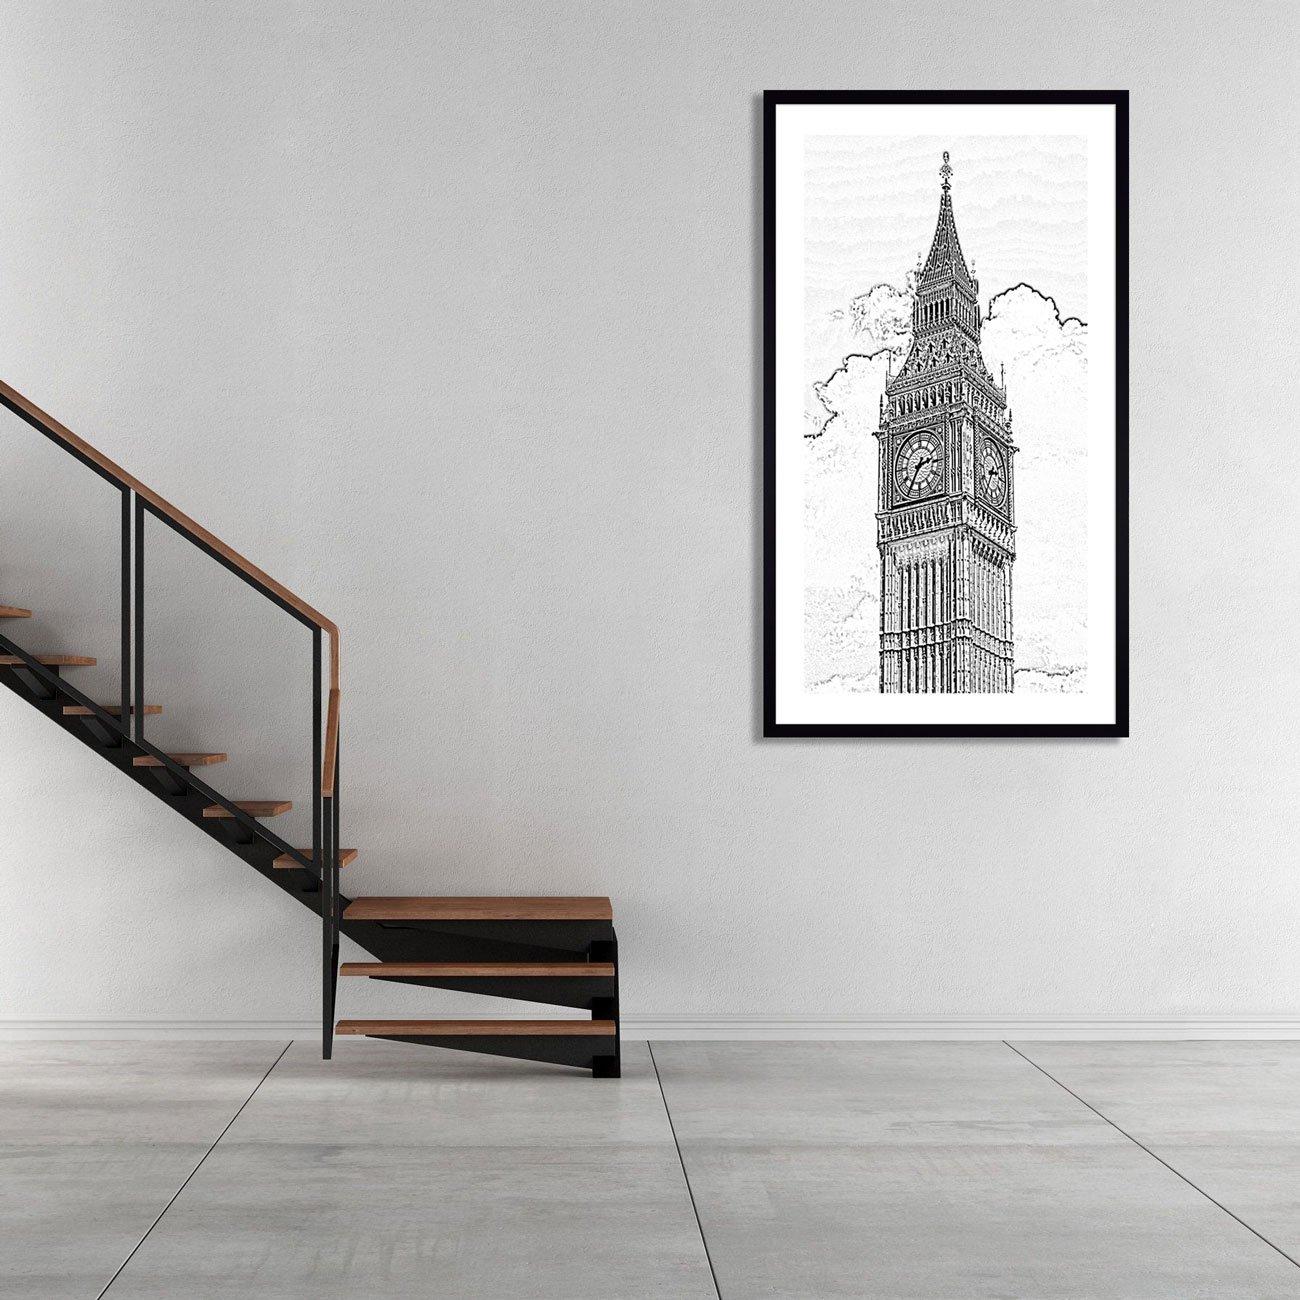 Quadro em Preto e Branco Fotocópia Torre BIG BEN 60x100 cm